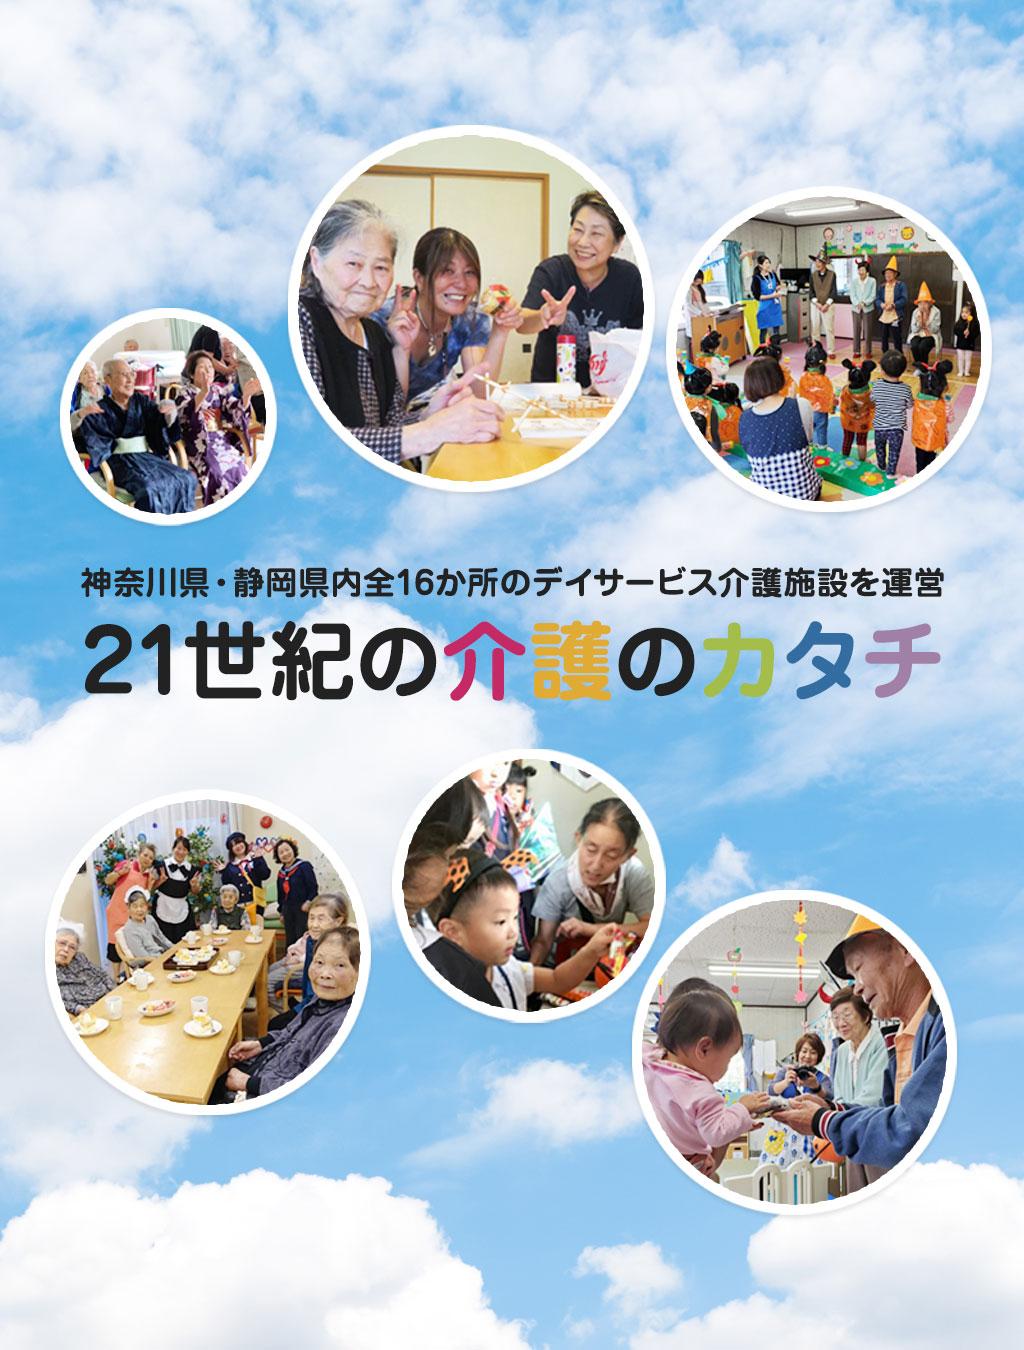 神奈川県・静岡県内全16か所のデイサービス介護施設を運営 21世紀の介護のカタチ